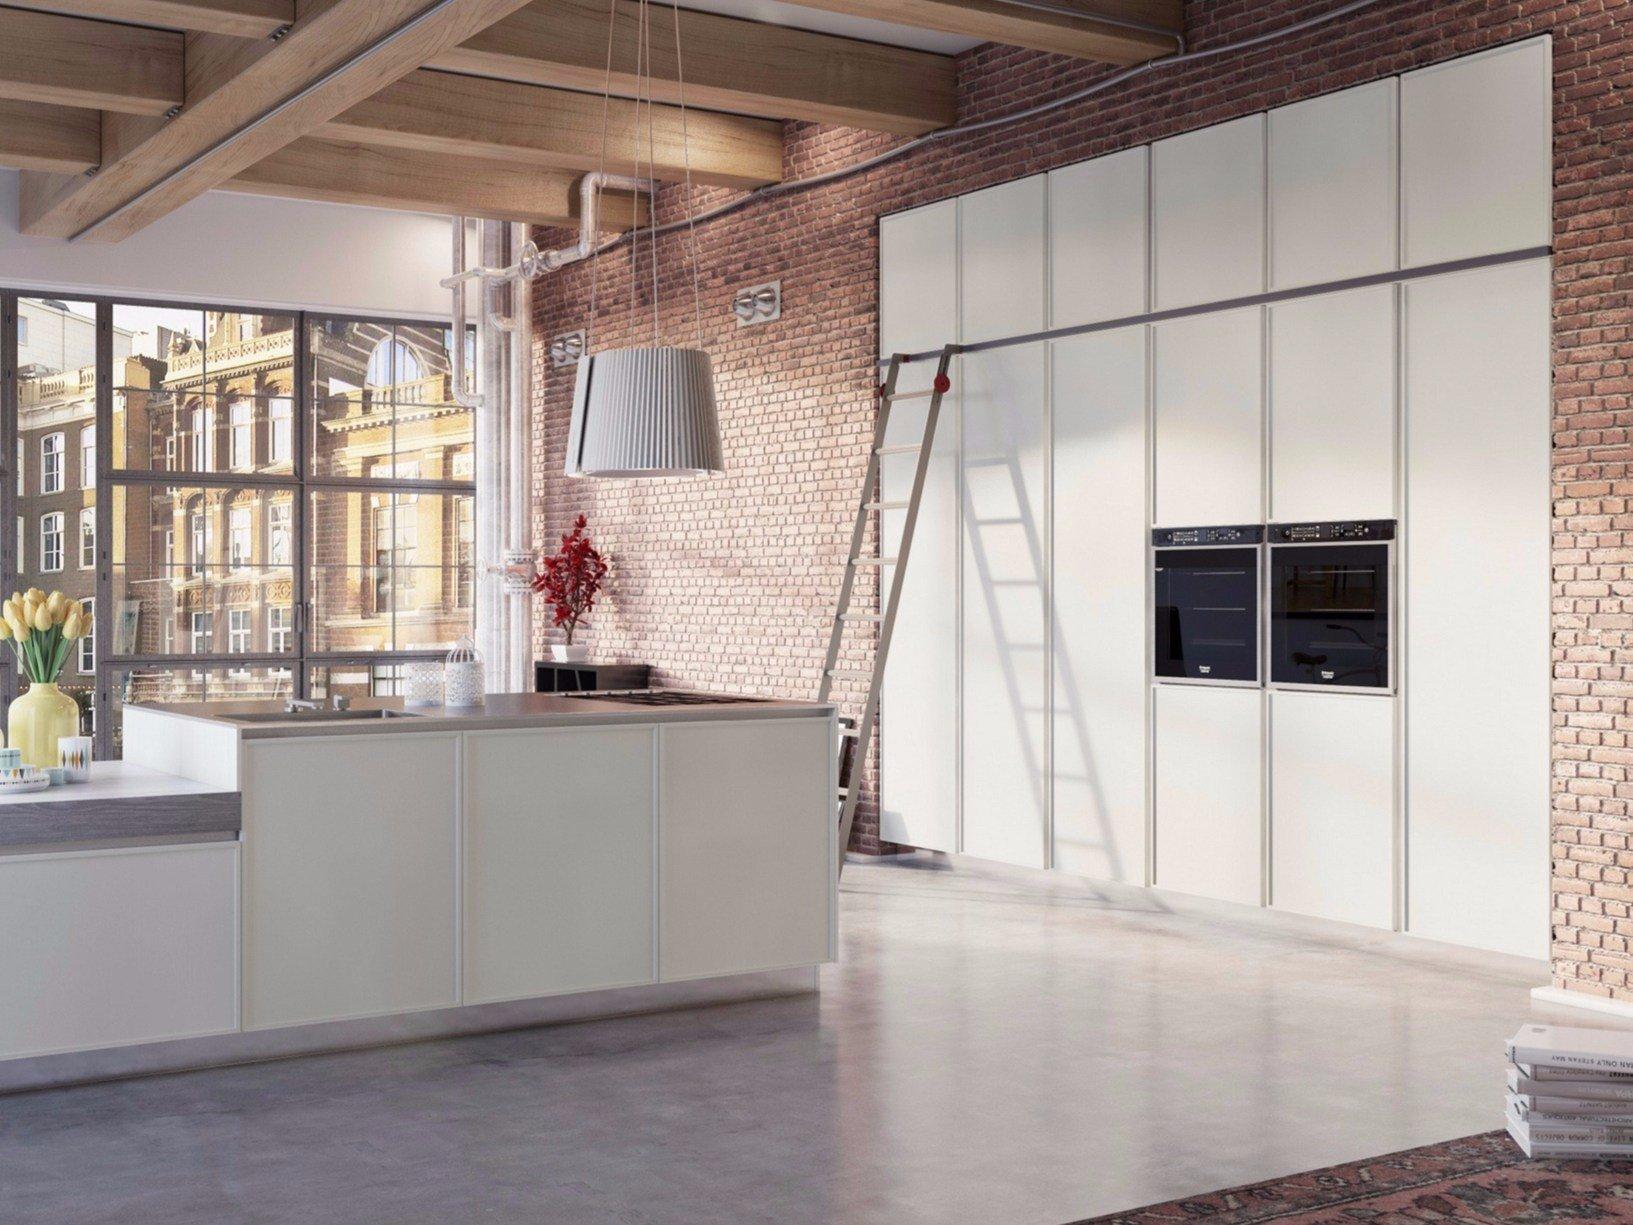 piÙ spazio in cucina con loft system - Cucine Loft